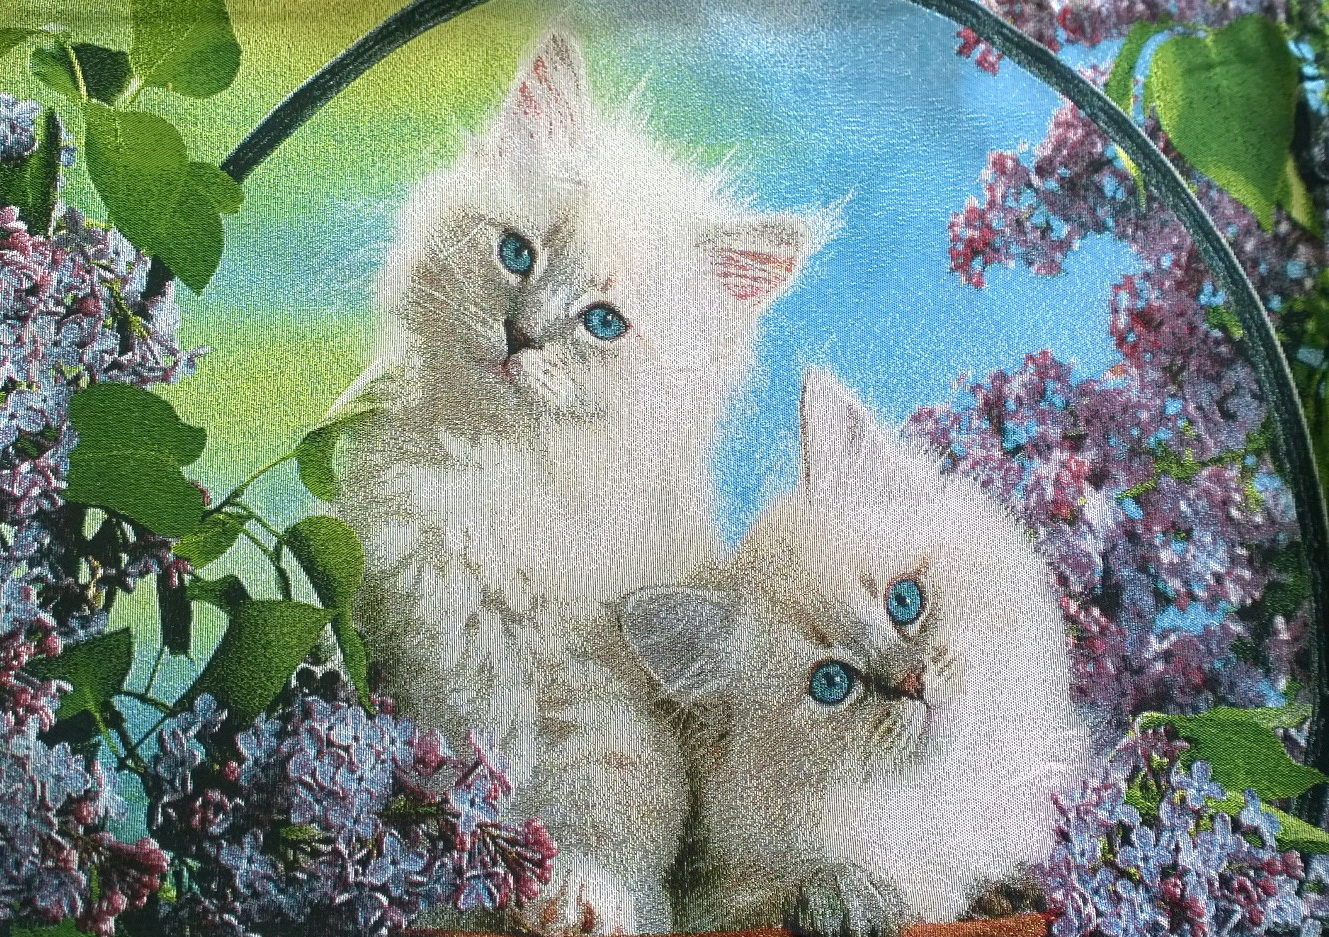 Купить гобеленовую наволочку белые котята